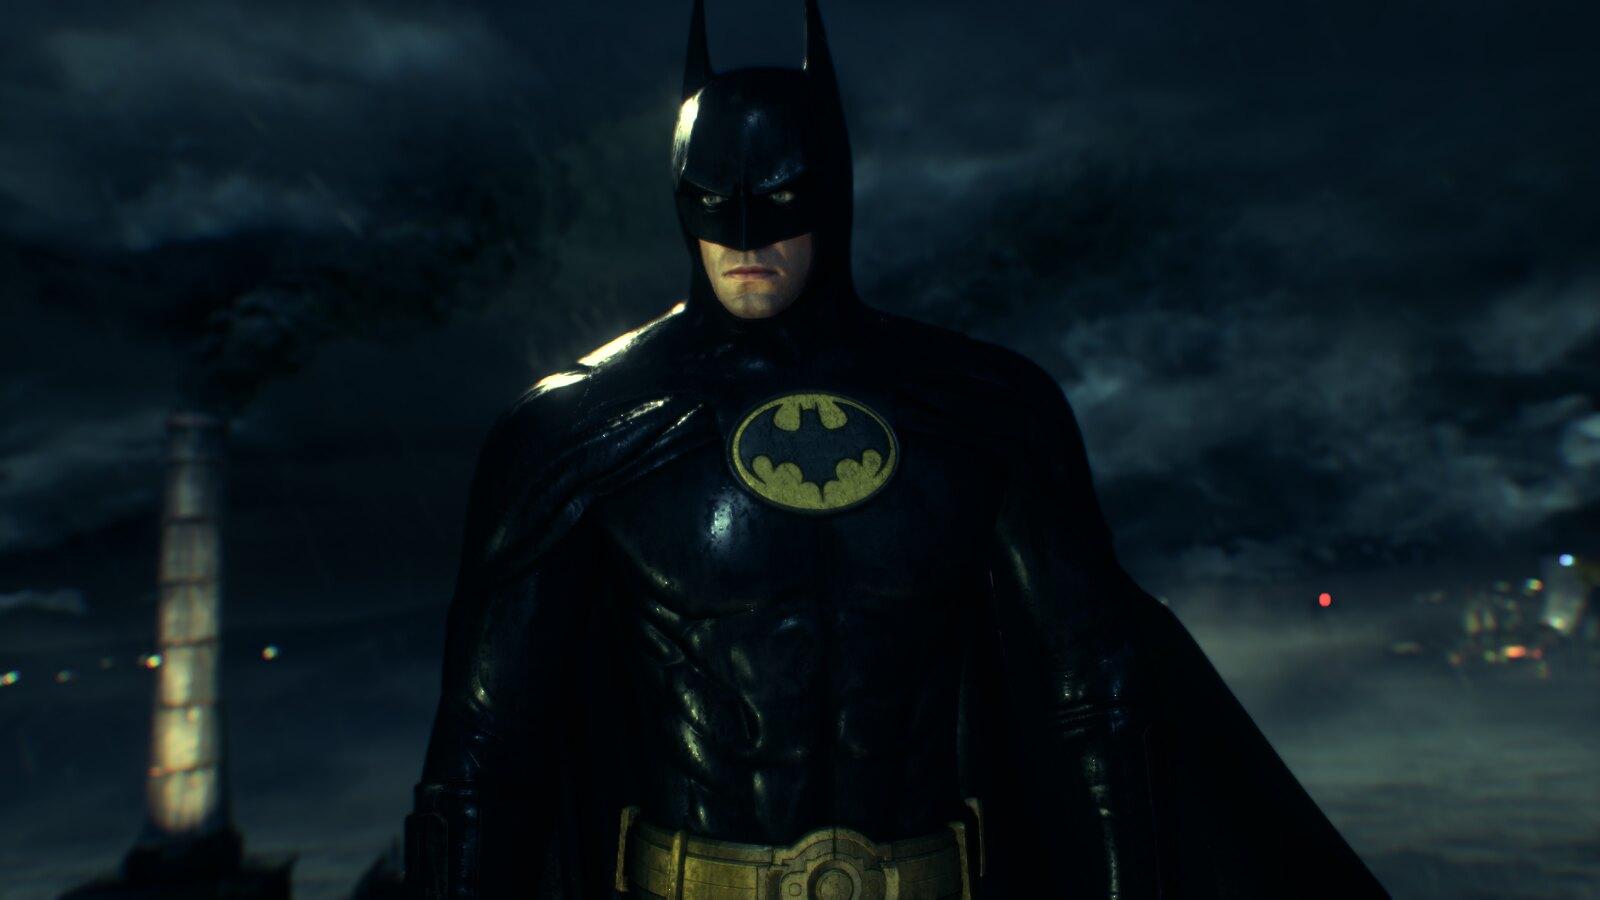 [Contest] Batman Screenshot Contest - September 2016 29633980762_c4f211fca7_h